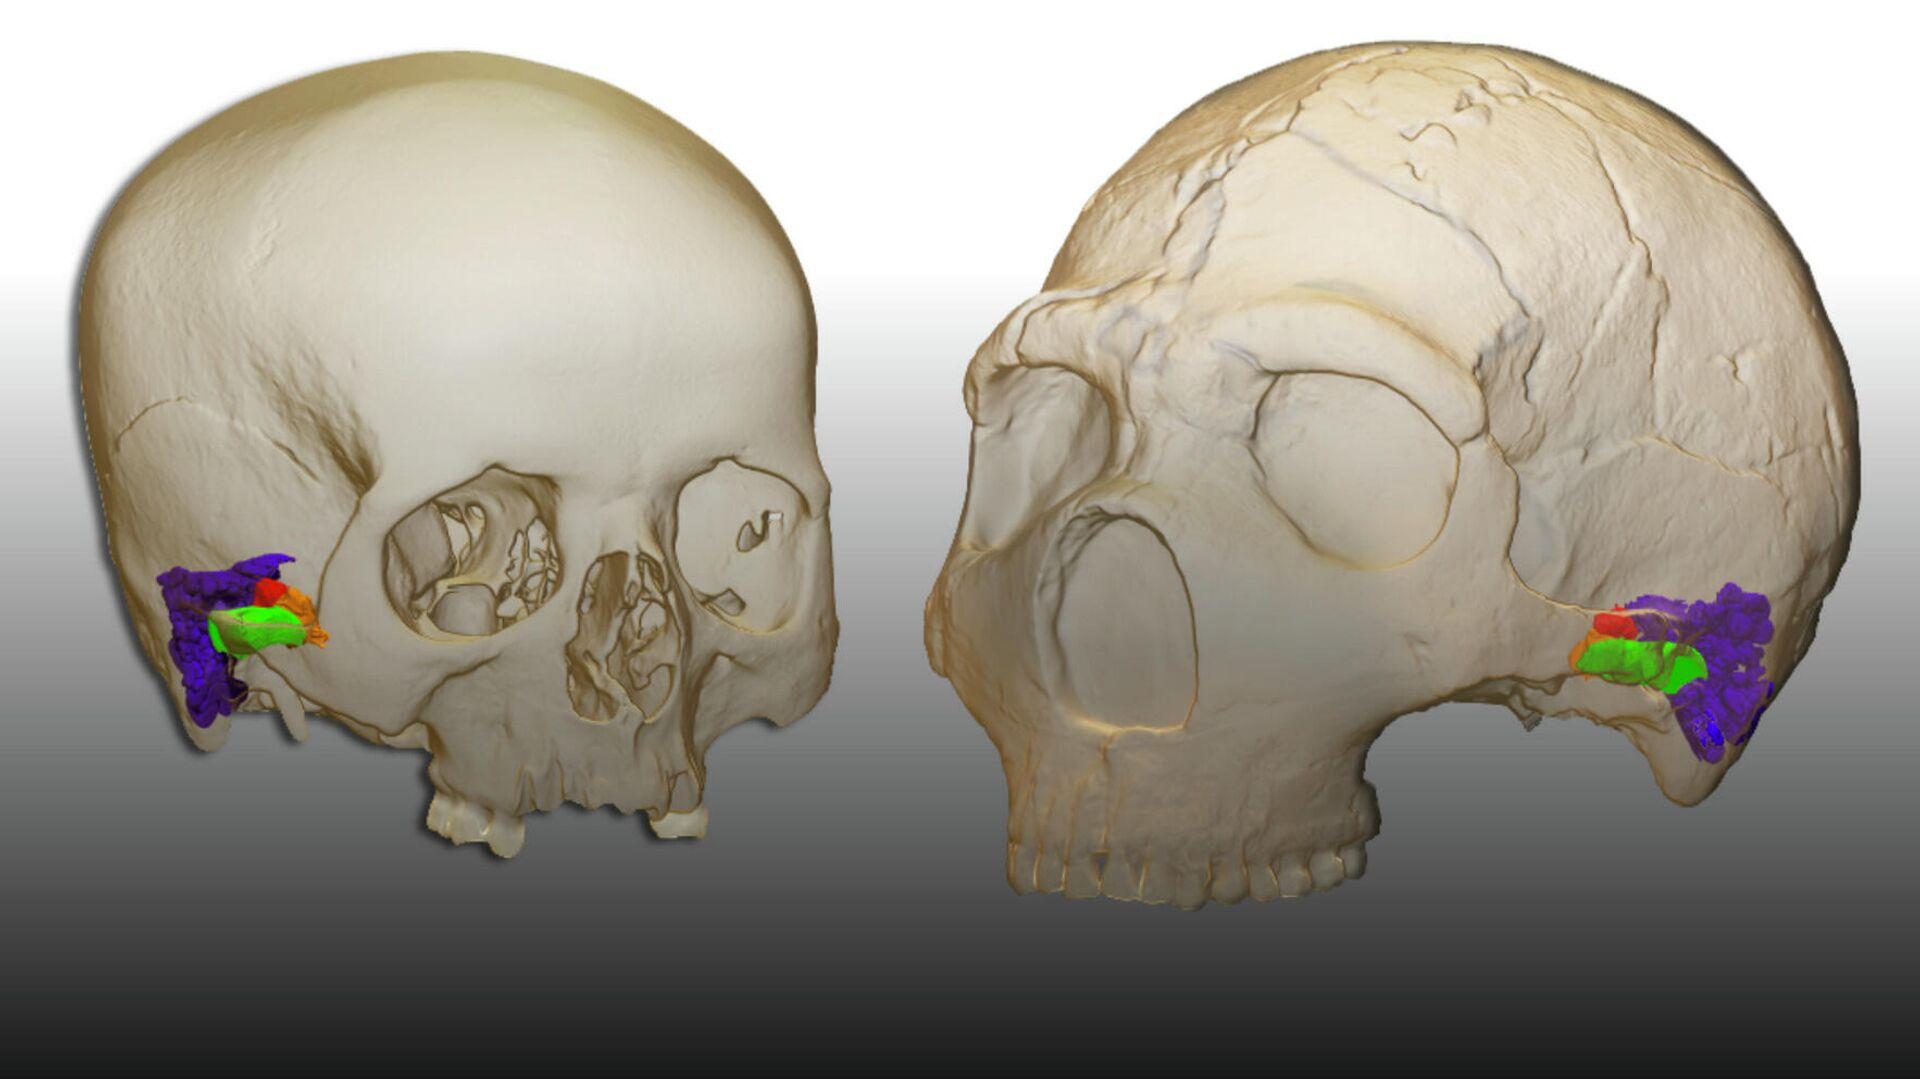 3D-реконструкция внутреннего уха современного человека и неандертальца - РИА Новости, 1920, 01.03.2021